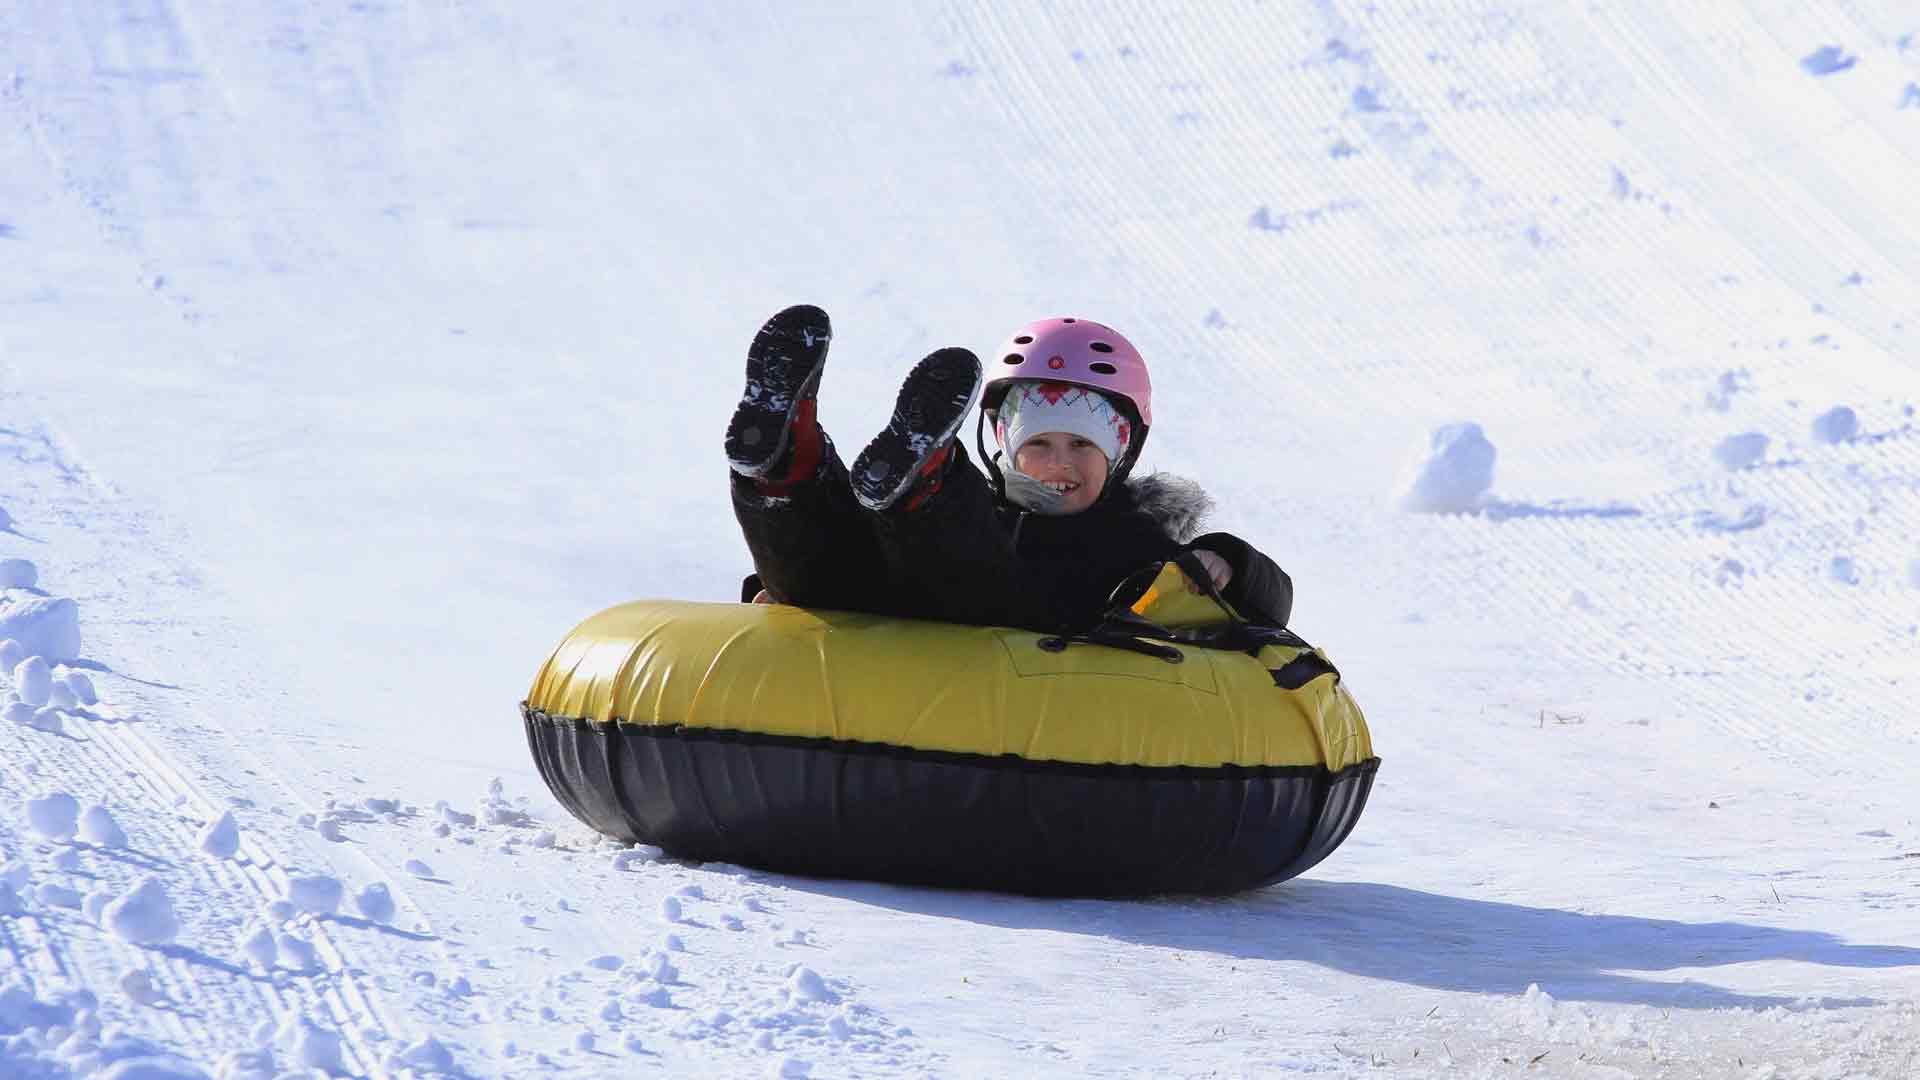 tubing at the ridge - powder ridge mountain park & resort